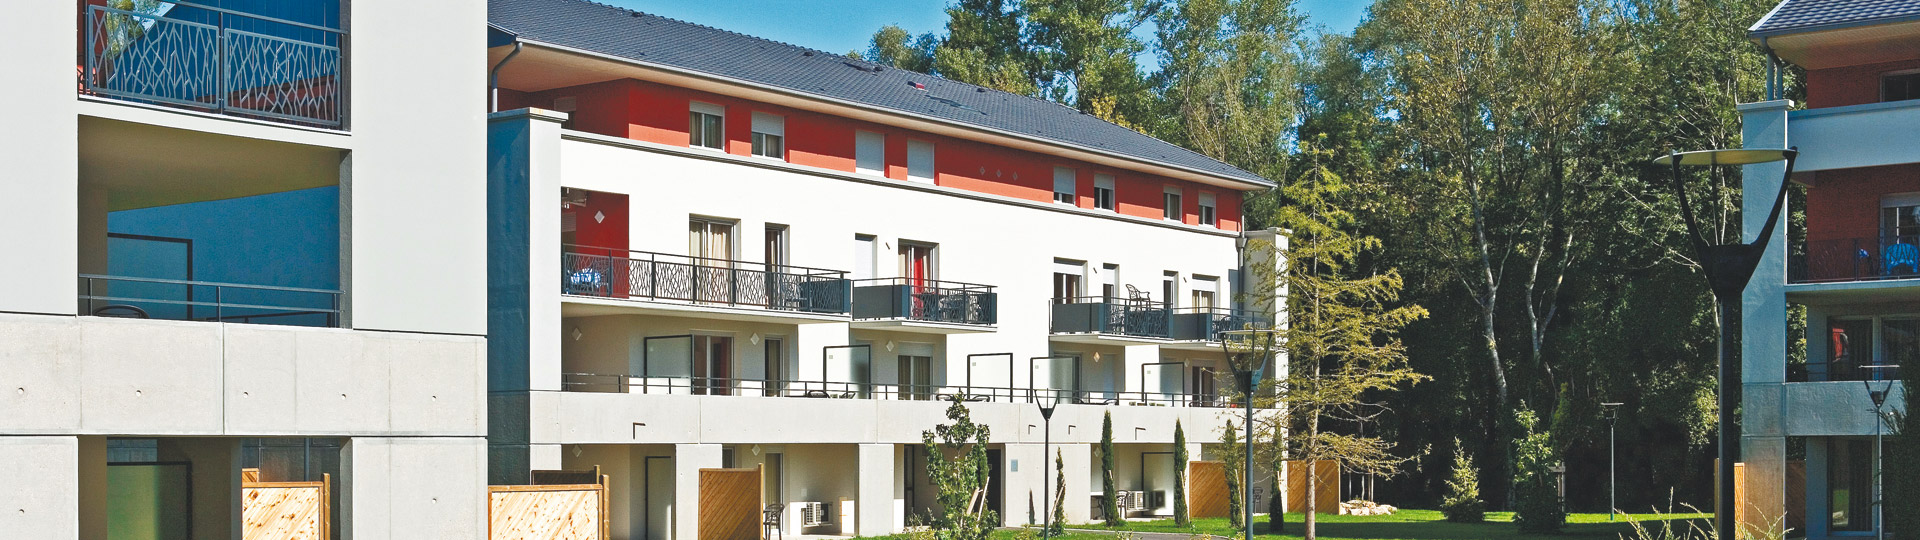 Résidence hôtel à Divonne-les-Bains